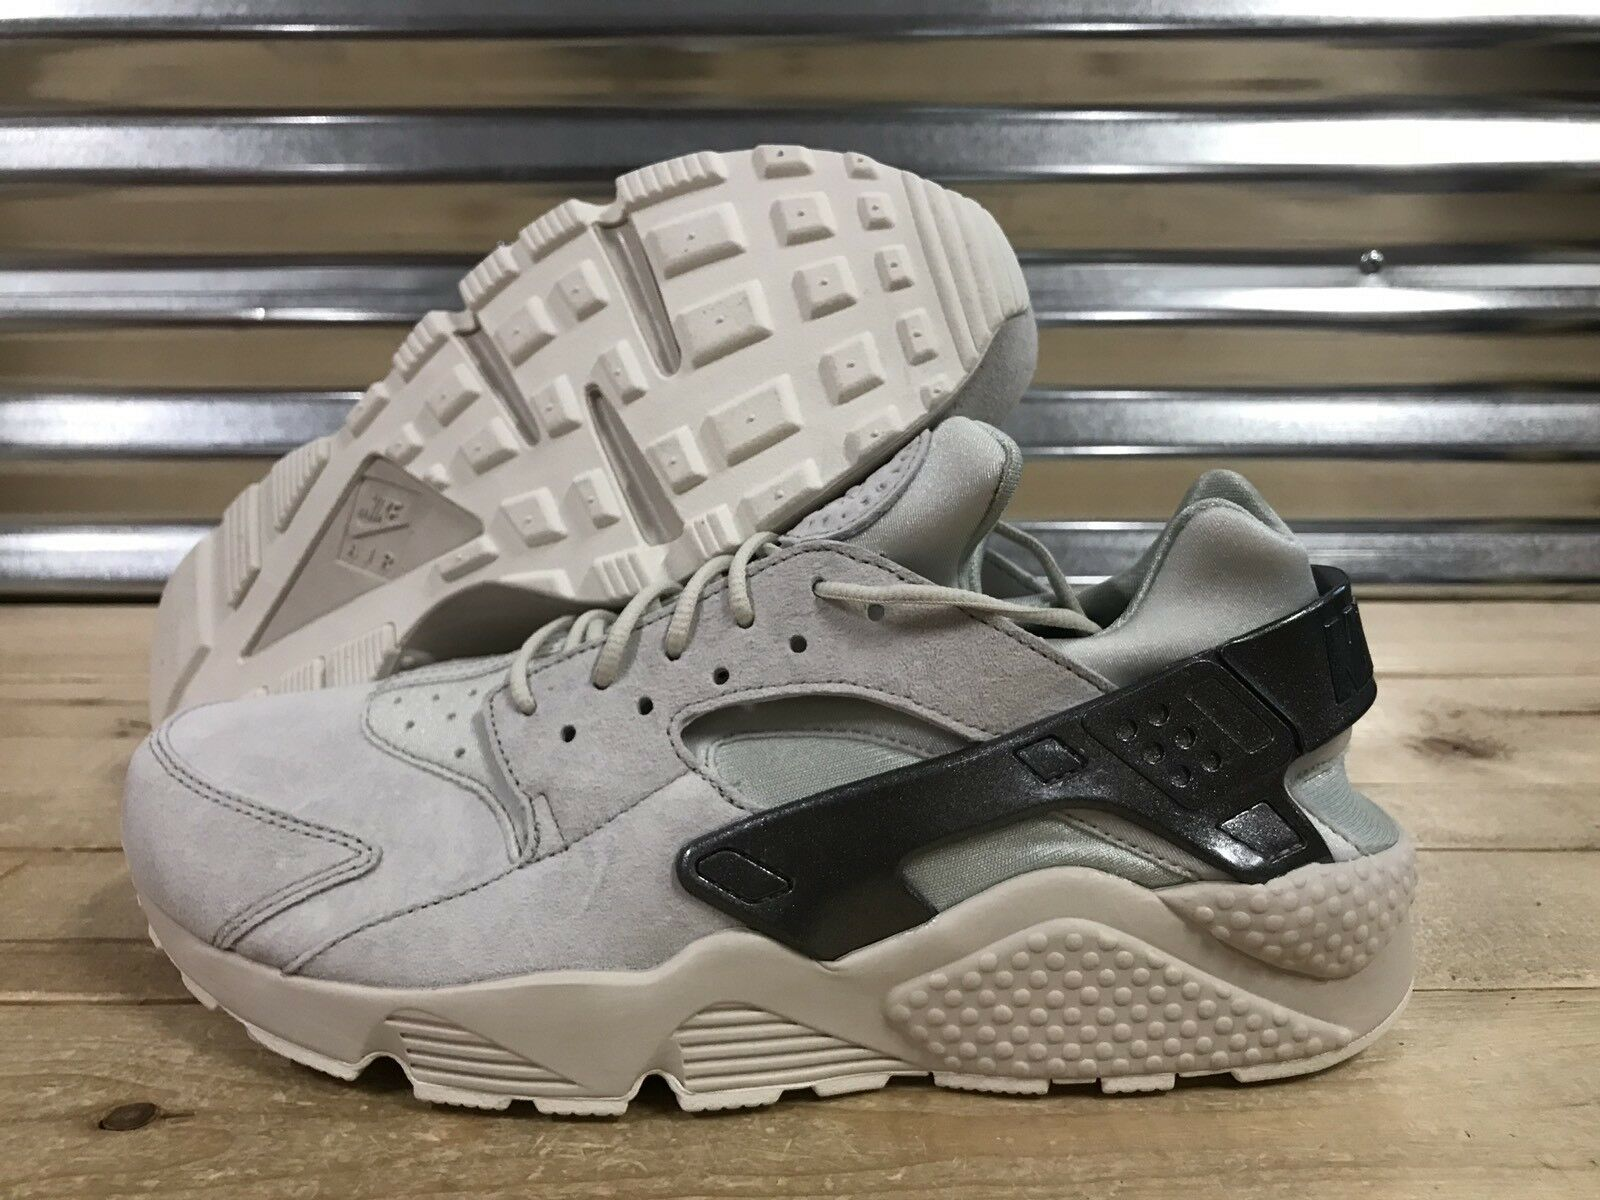 Nike air huarache premium laufschuhe leichte knochen grau metallic sz (704830-013)